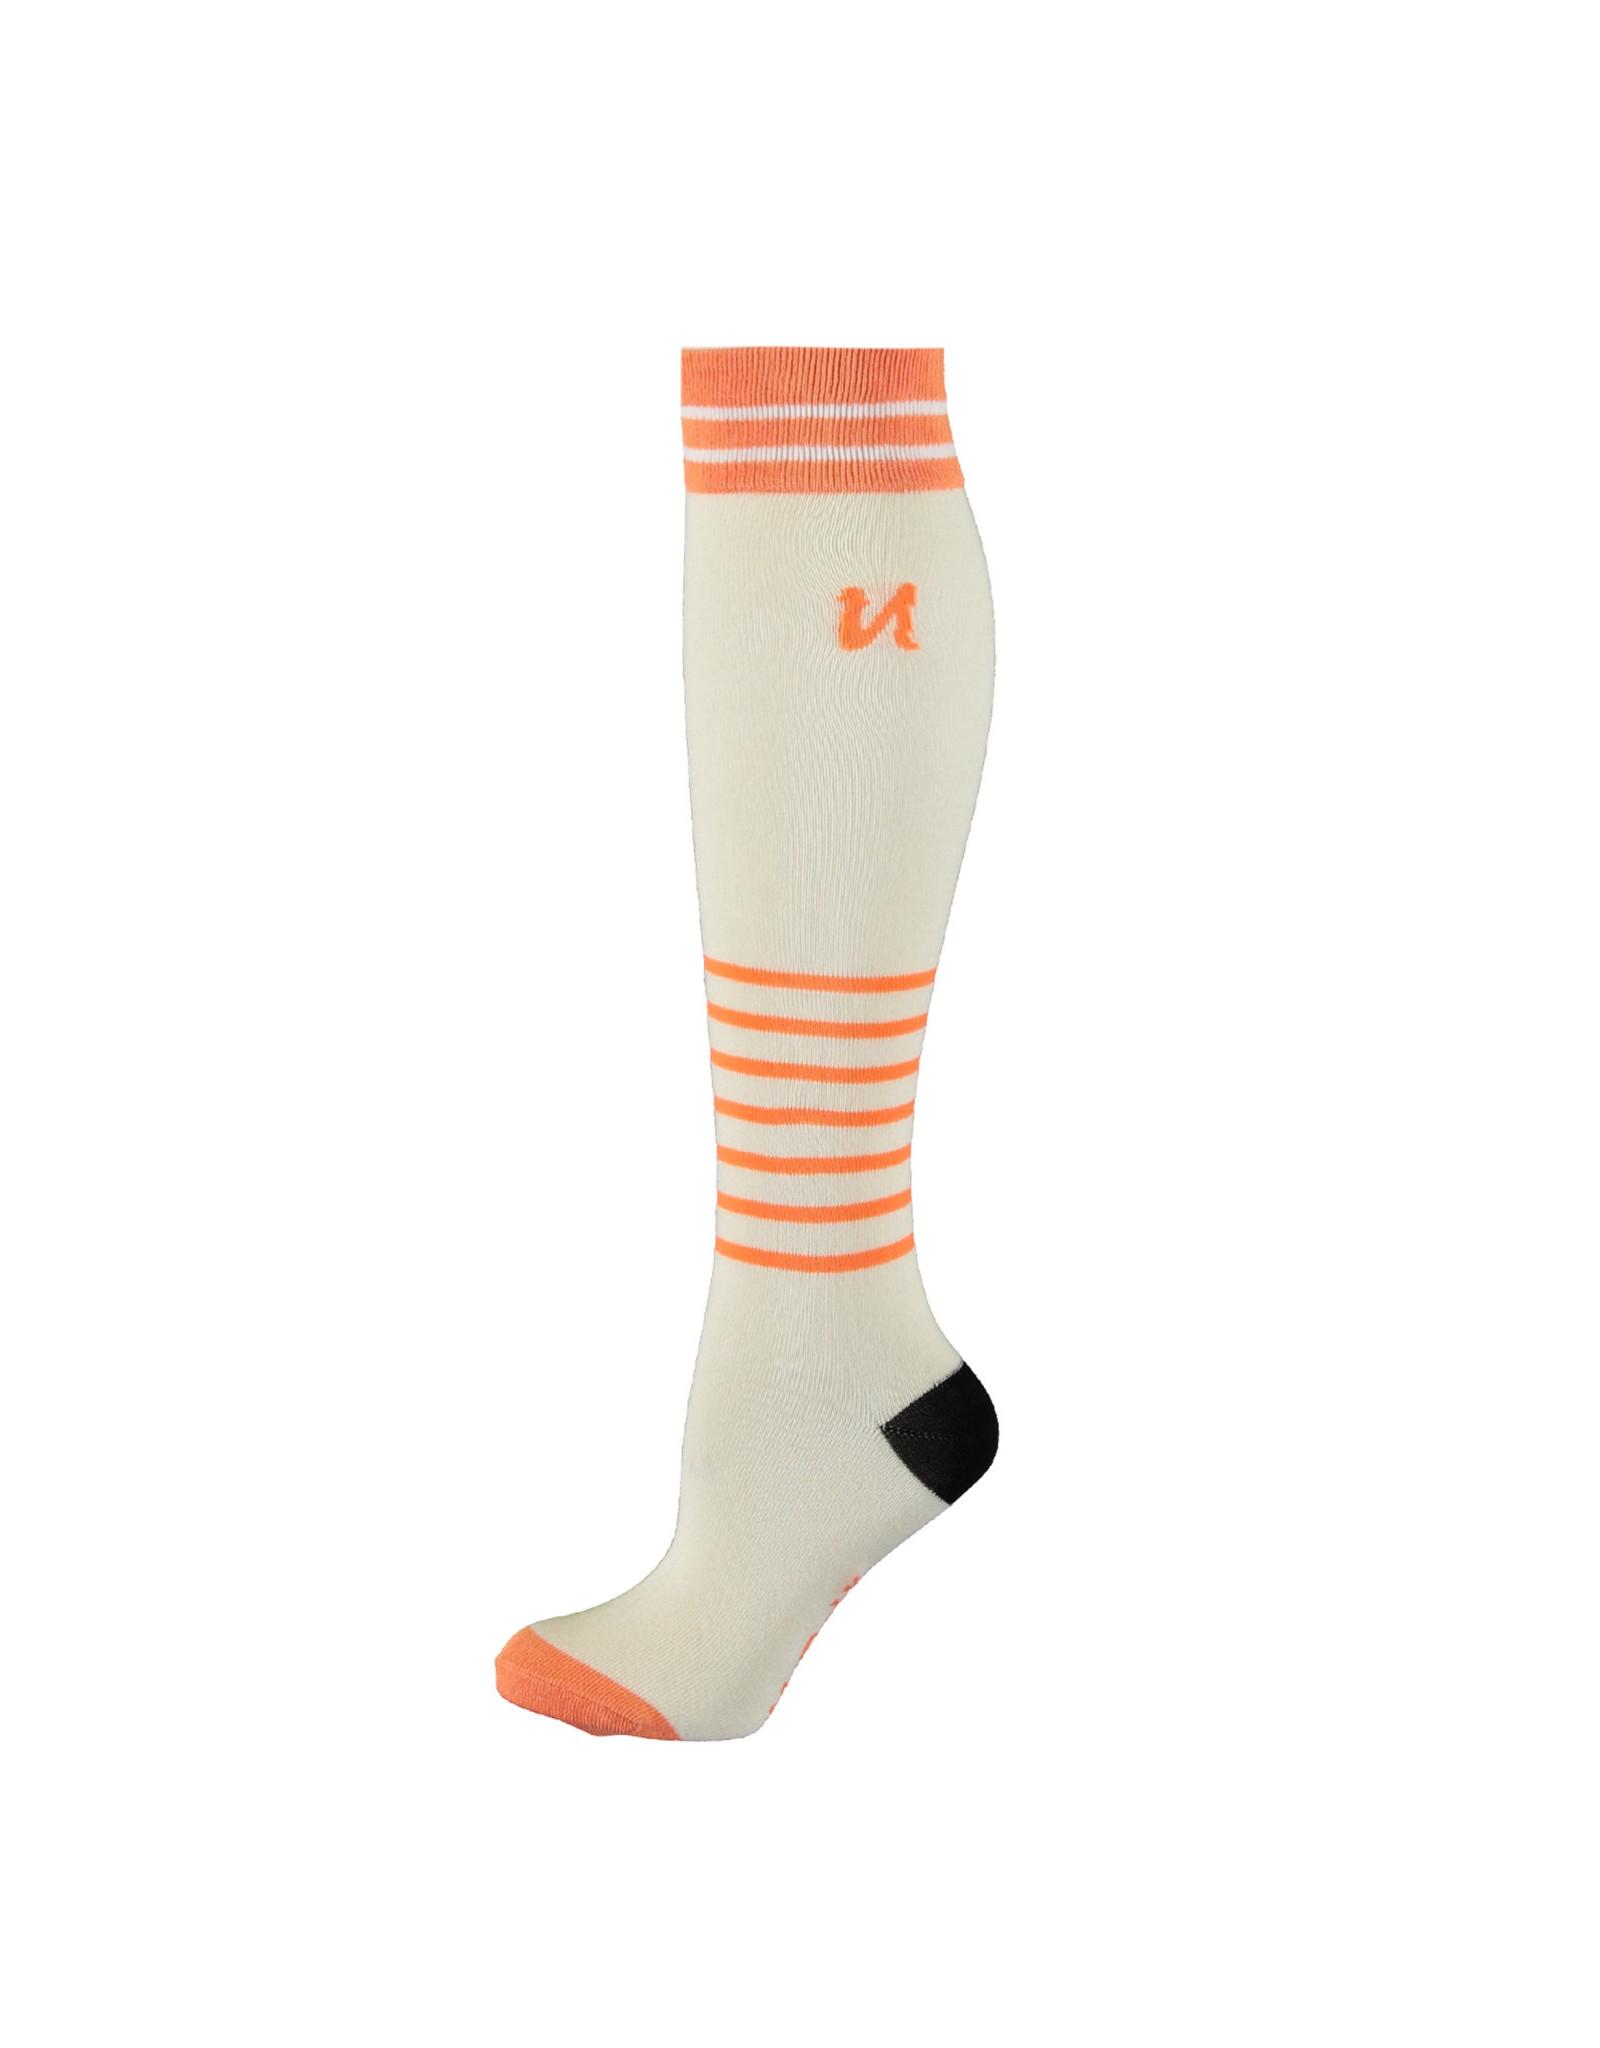 NoBell NoBell meiden sokken Rovy Off White